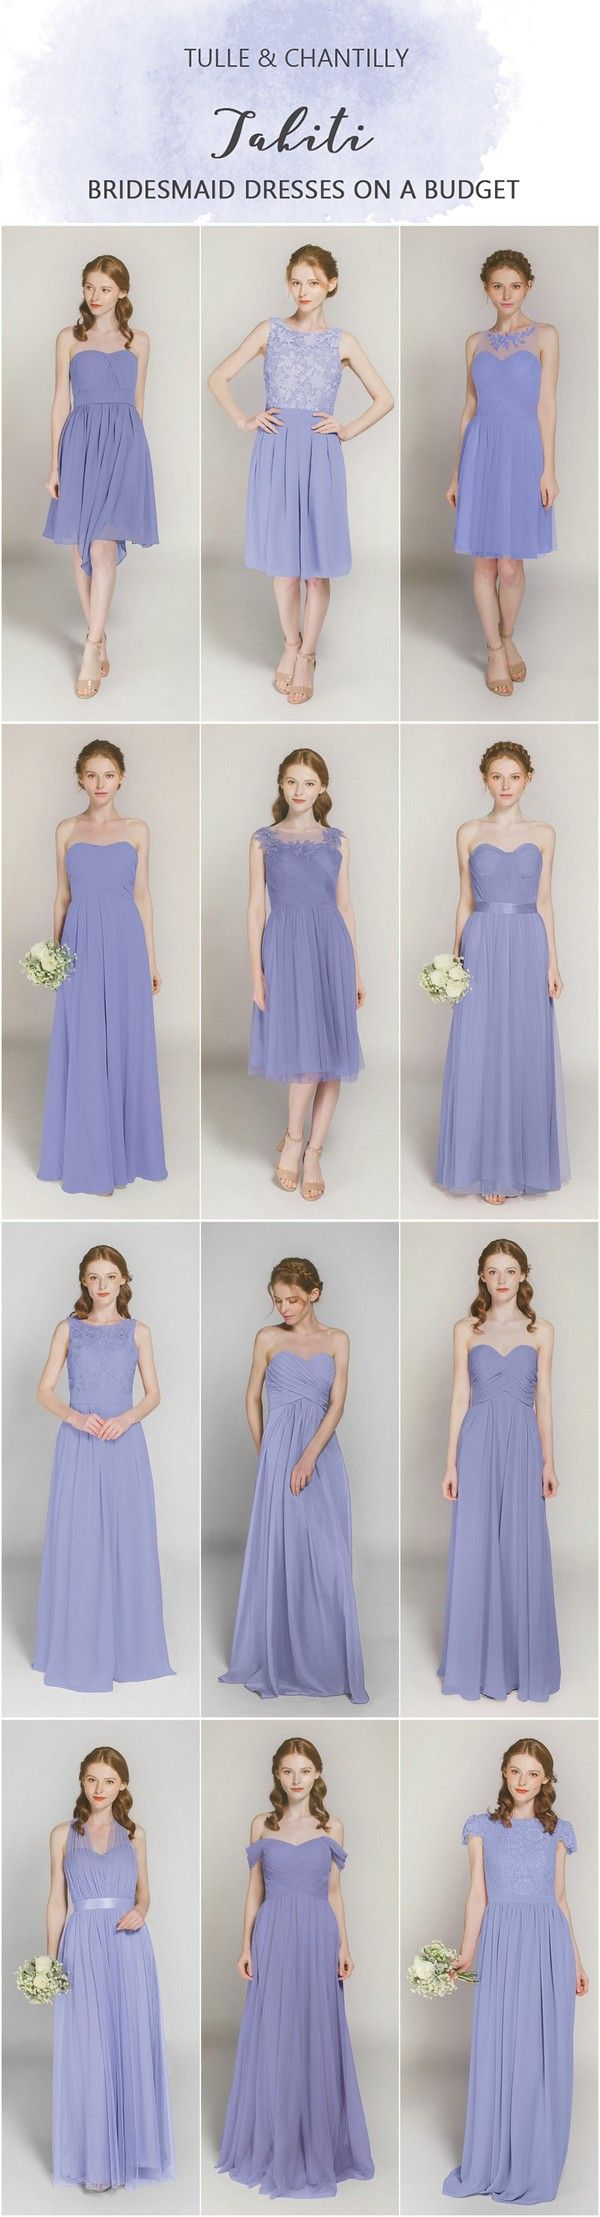 affordable Tahiti short and long bridesmaid dresses